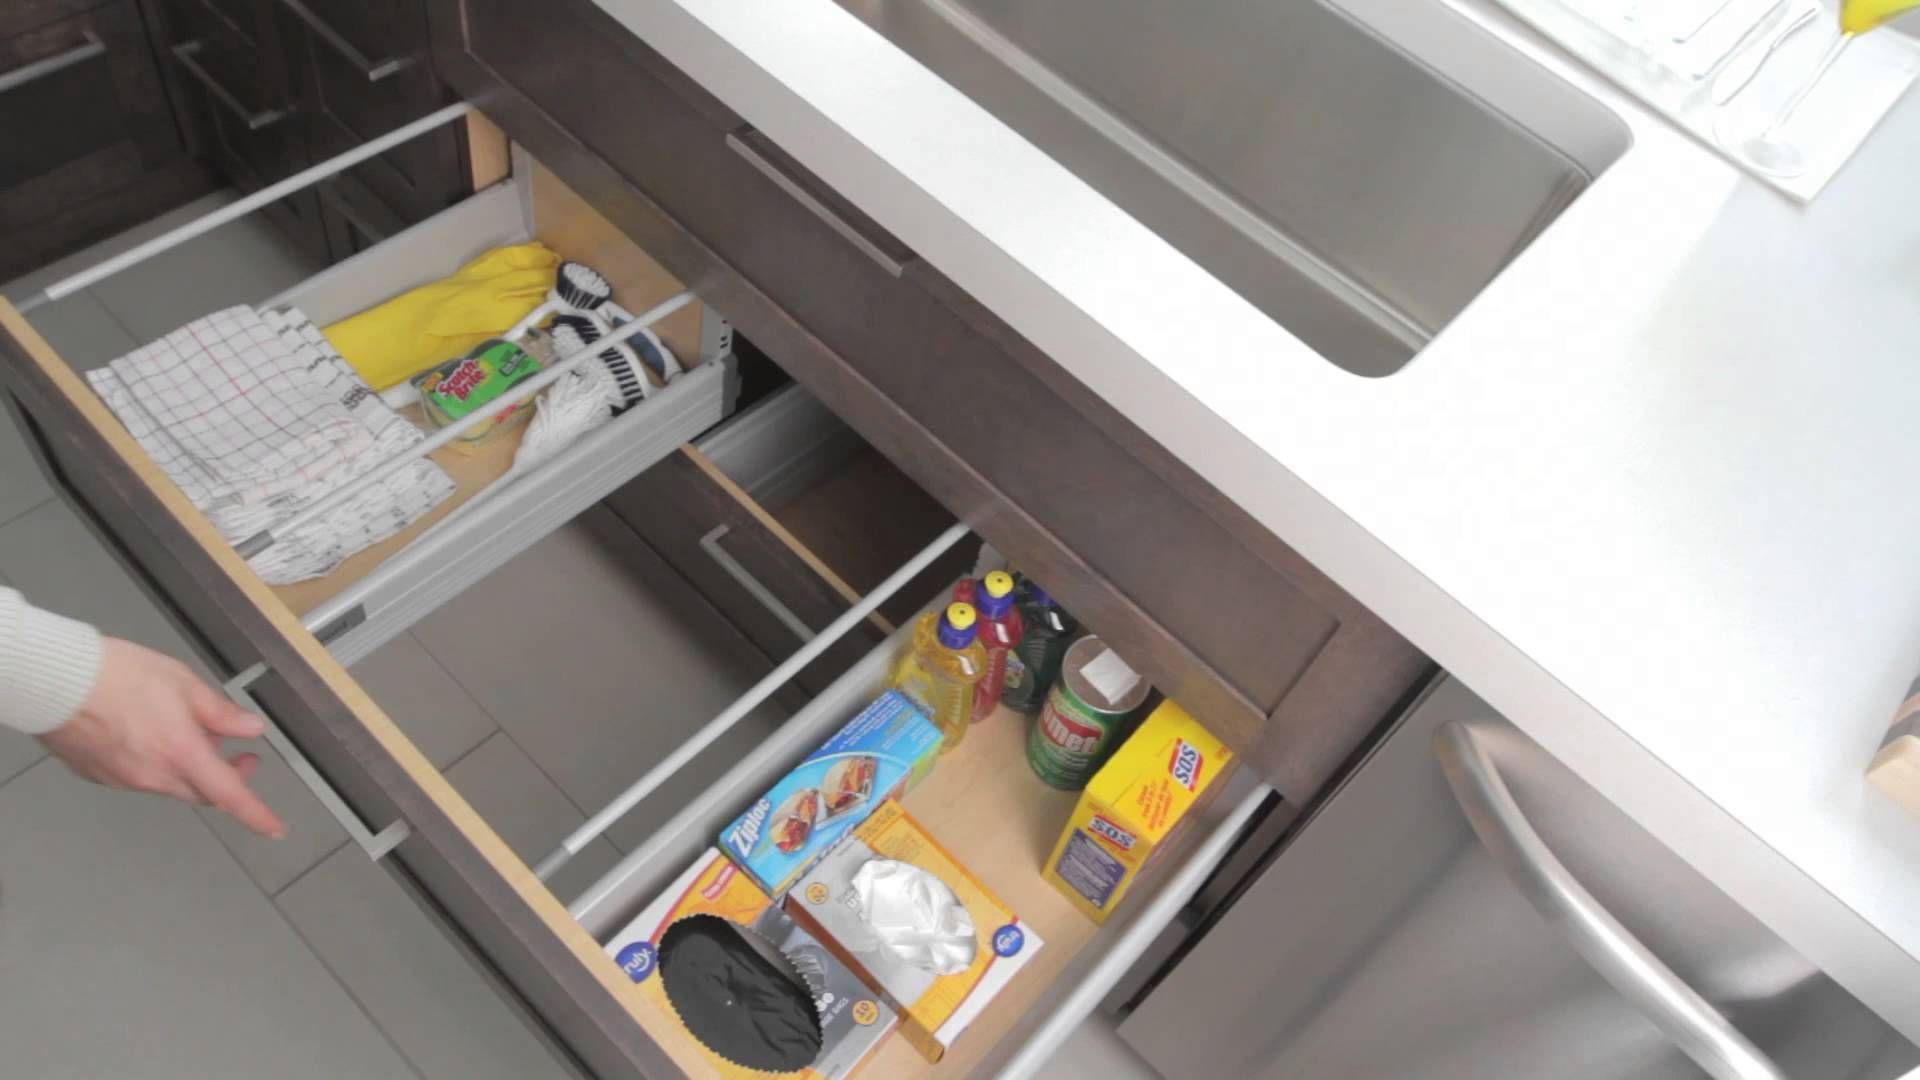 Dans une cuisine le meuble d 39 vier n 39 est jamais des plus pratiques puisqu 39 il est con u d - Tuyauterie evier cuisine ...